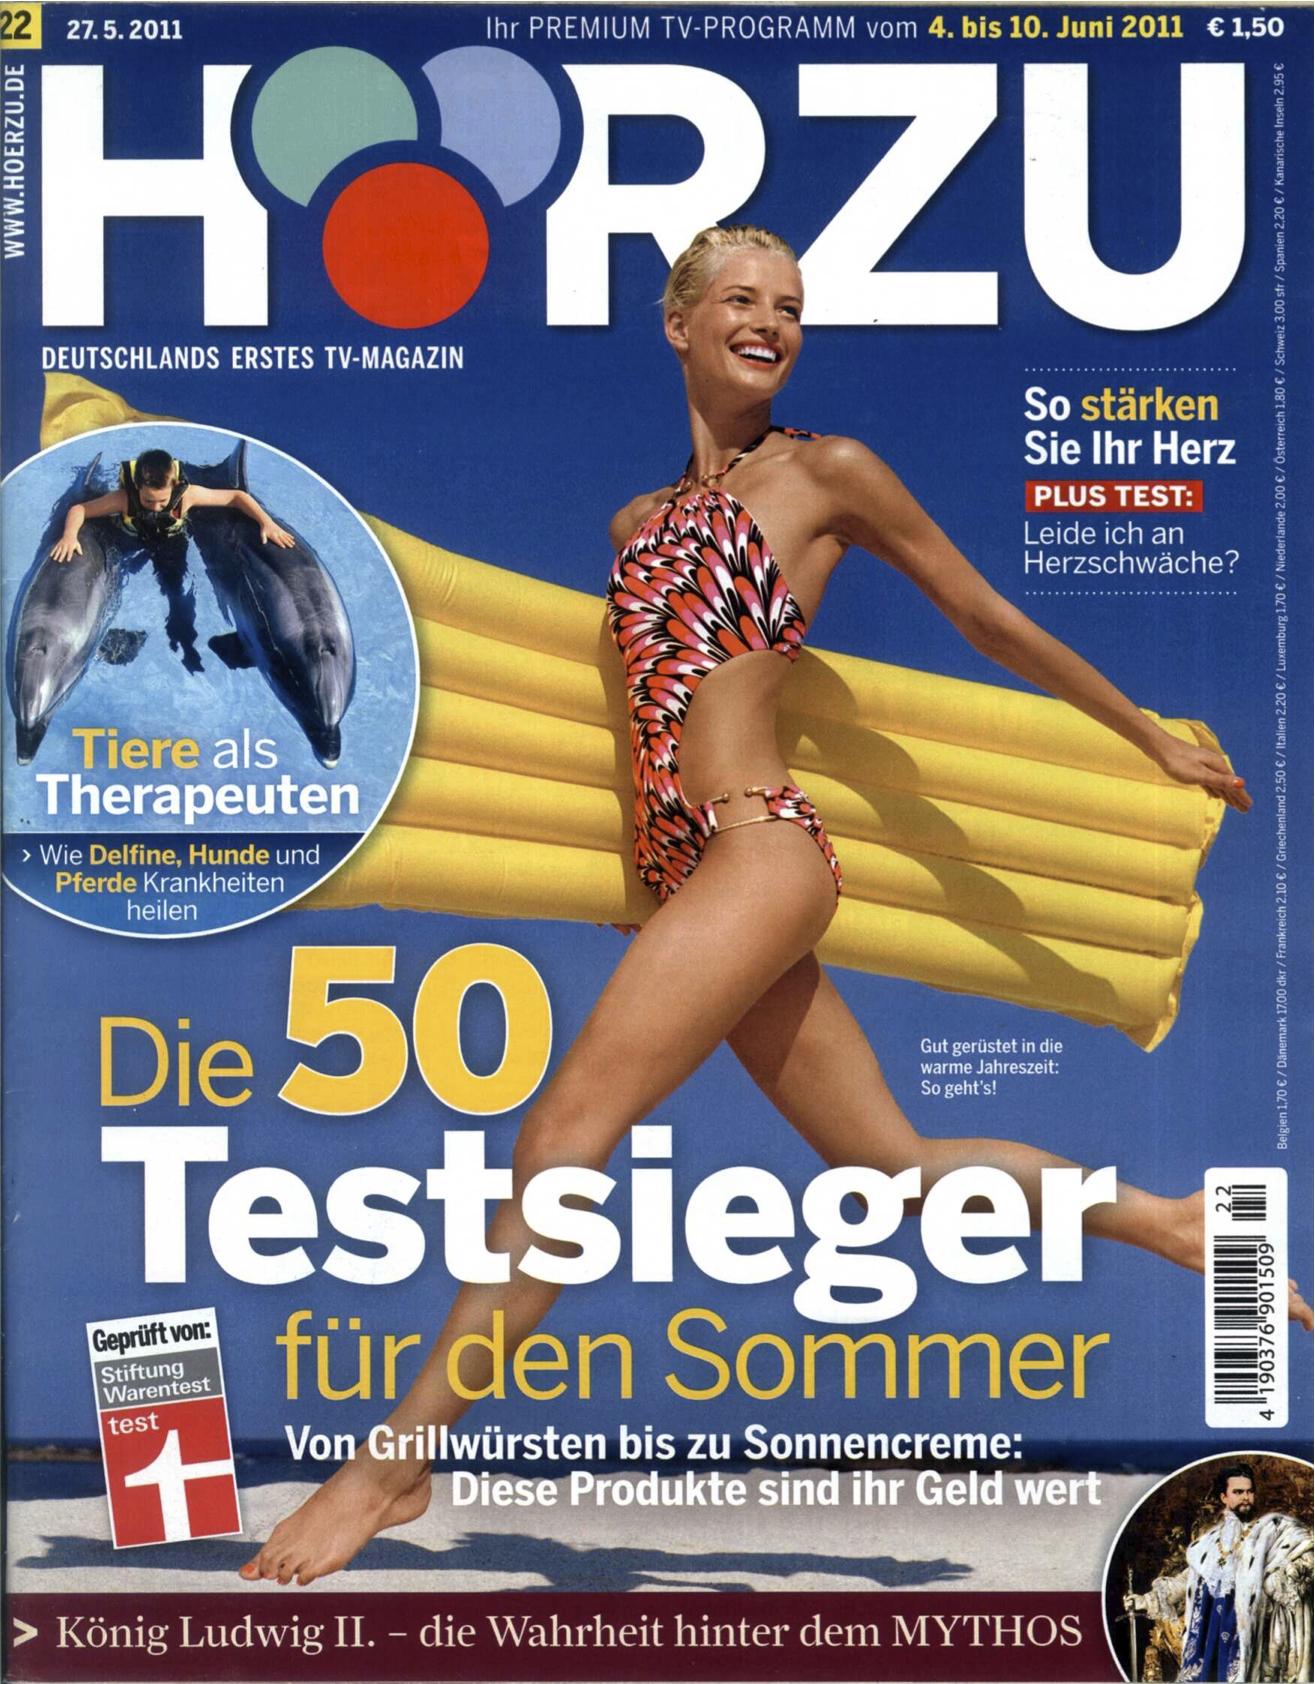 HZ_27.5.3.2011_Cover.jpg